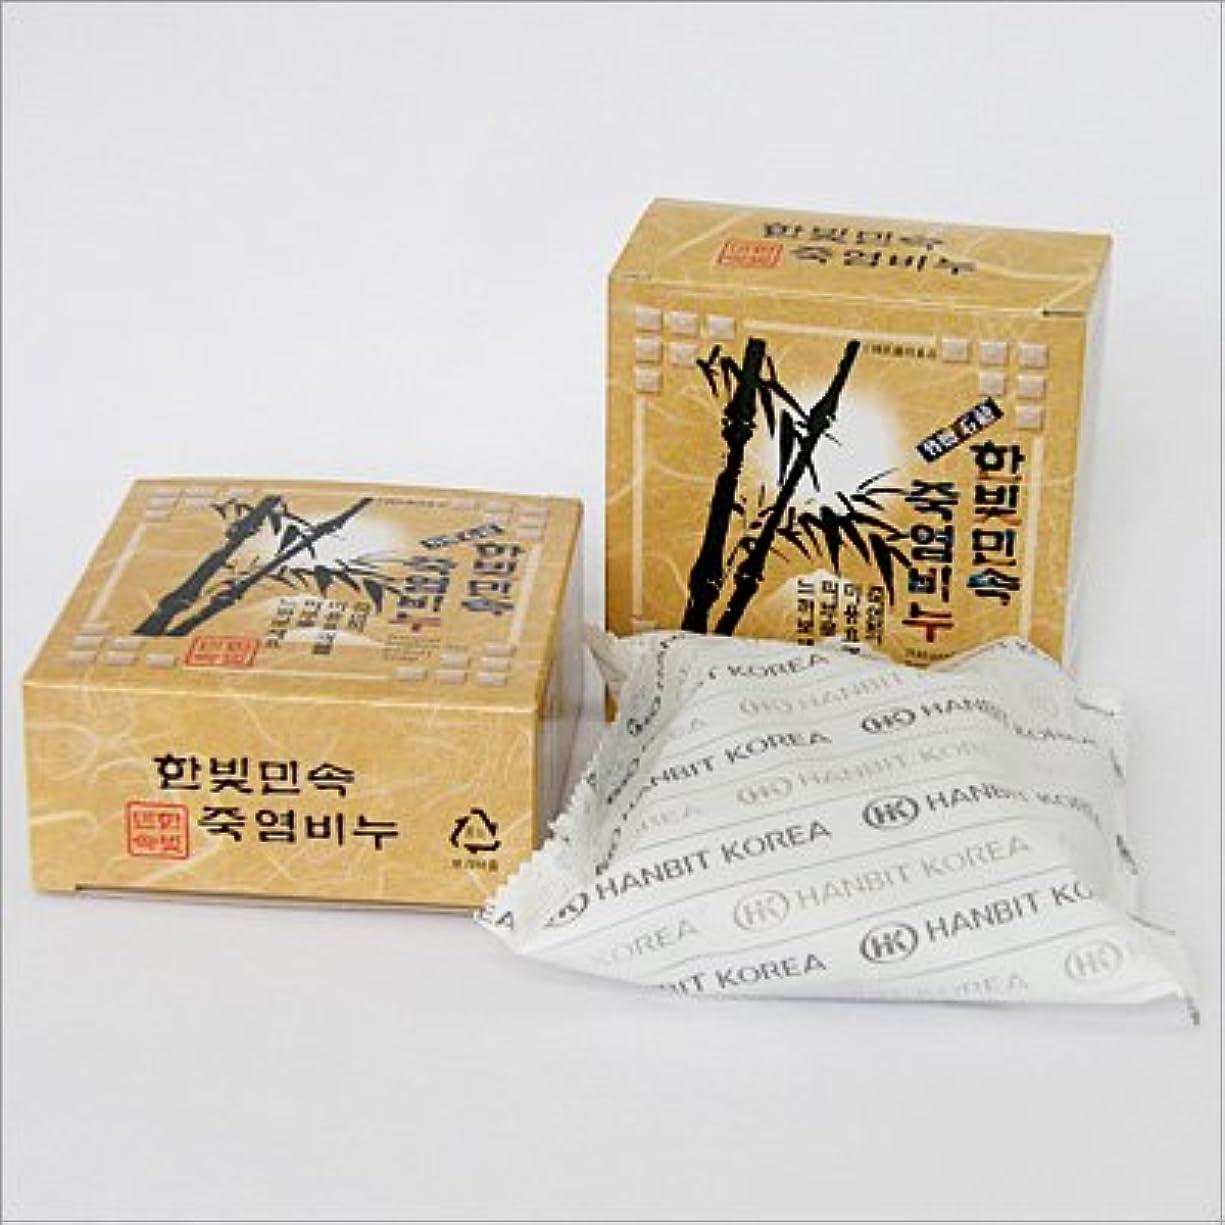 ライナー蜜個人的に(韓国ブランド) 韓国直輸入』竹塩石鹸(3個×5セット)